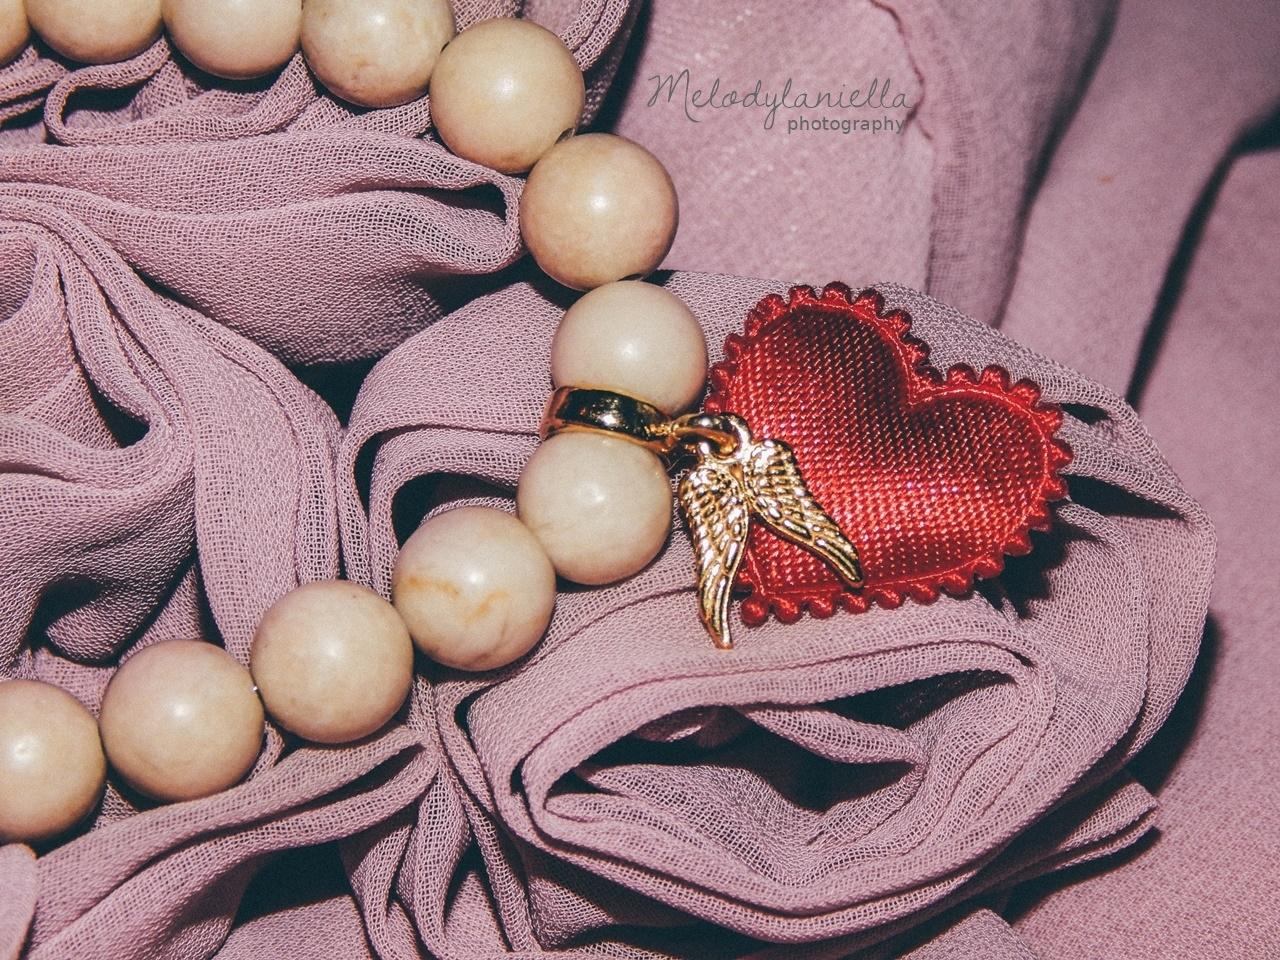 jewellery by Ana bizuteria bransoletki marmur charmsy 24k zloto skrzydla piórko marmur lapis lazuli piekne prezent bransoletki